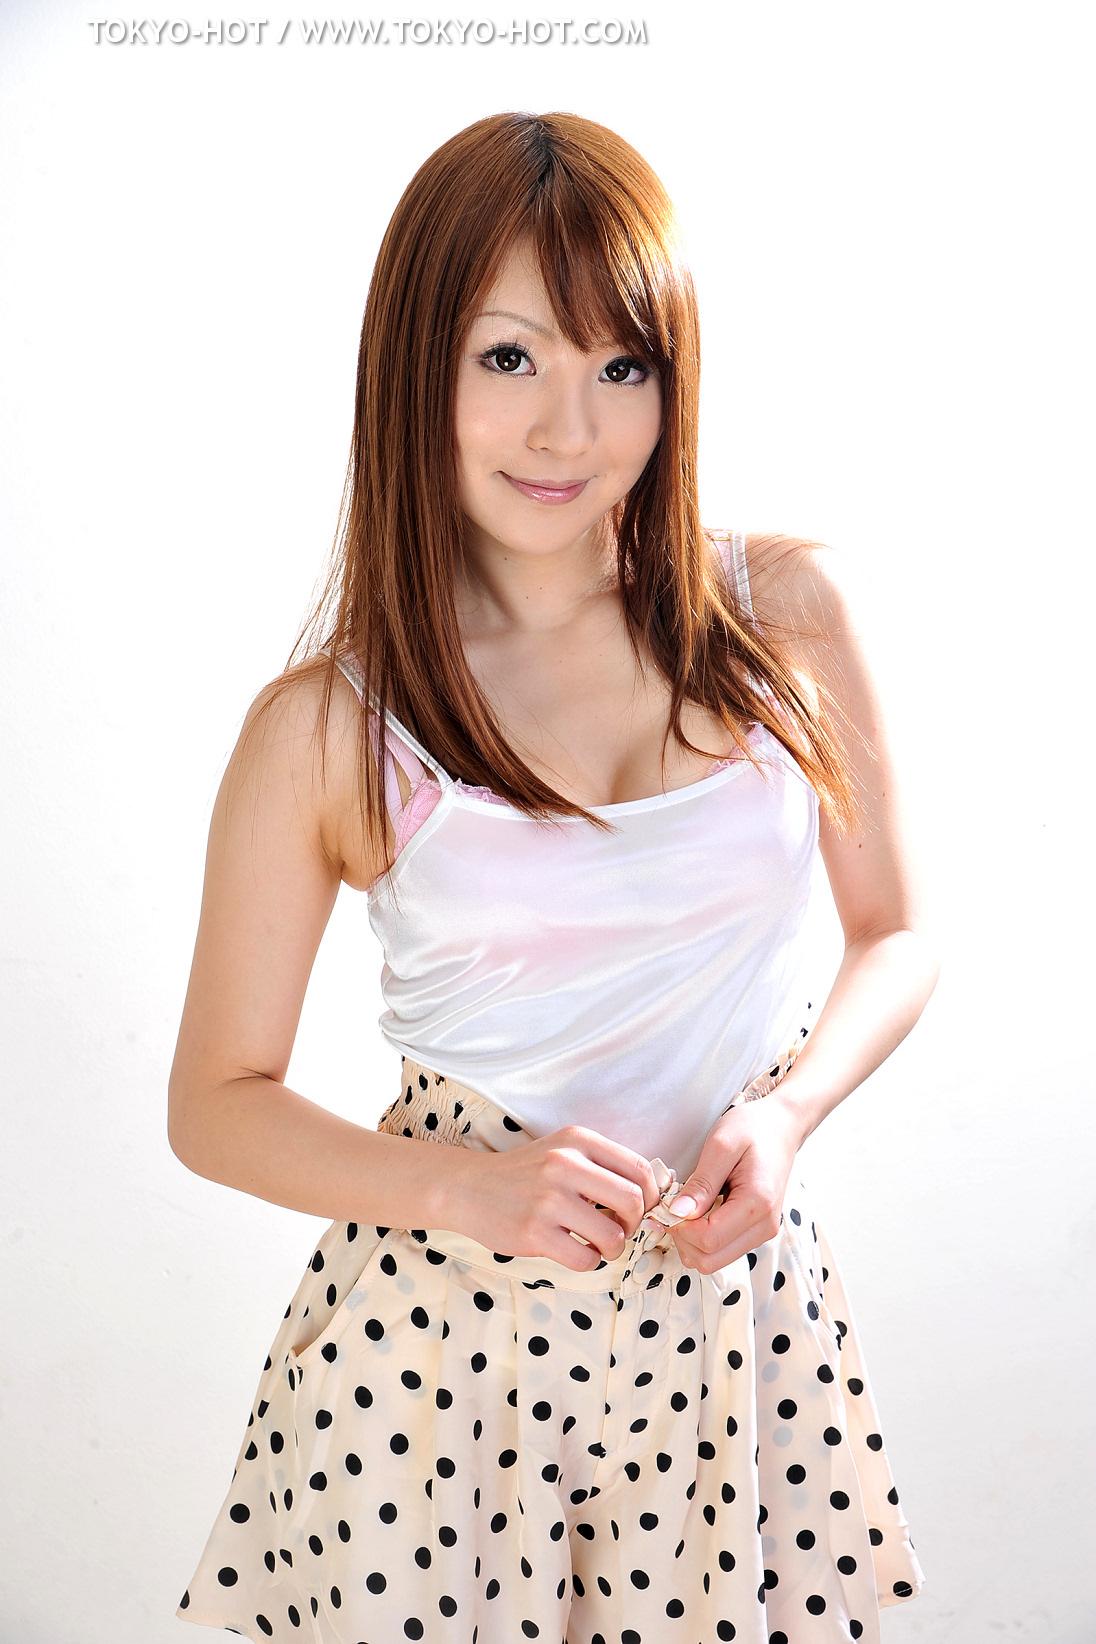 tokyo hot  e721 e721maimi_nagasawa0001. e721maimi_nagasawa0042. e721maimi_nagasawa0072.  e721maimi_nagasawa0083. e721maimi_nagasawa0103.